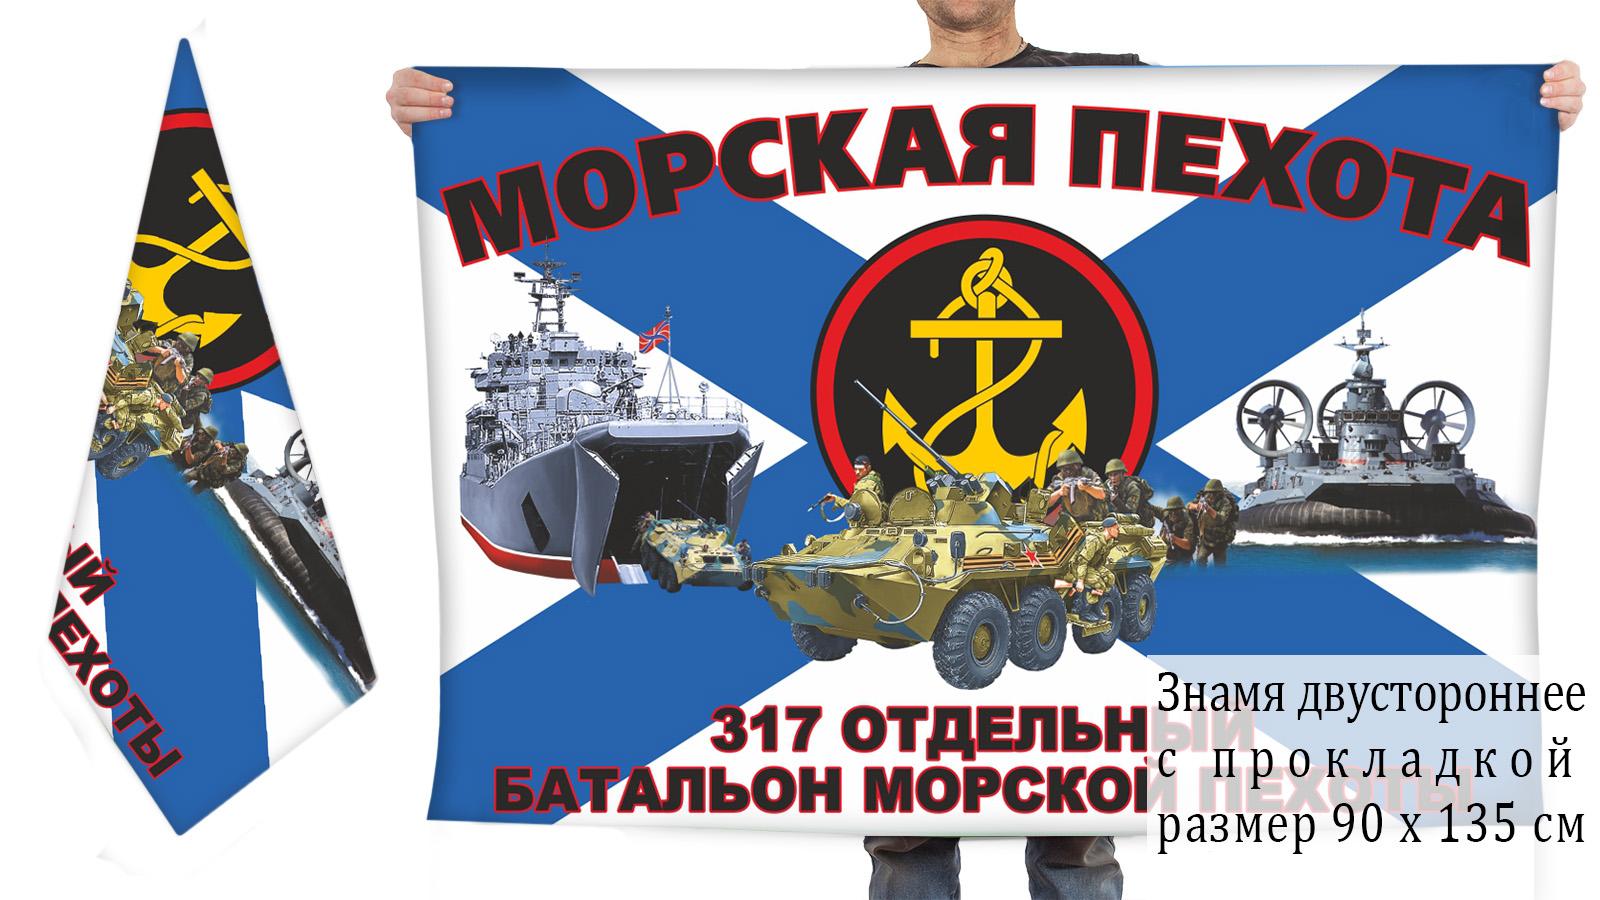 Двусторонний флаг 317 отдельного батальона морской пехоты